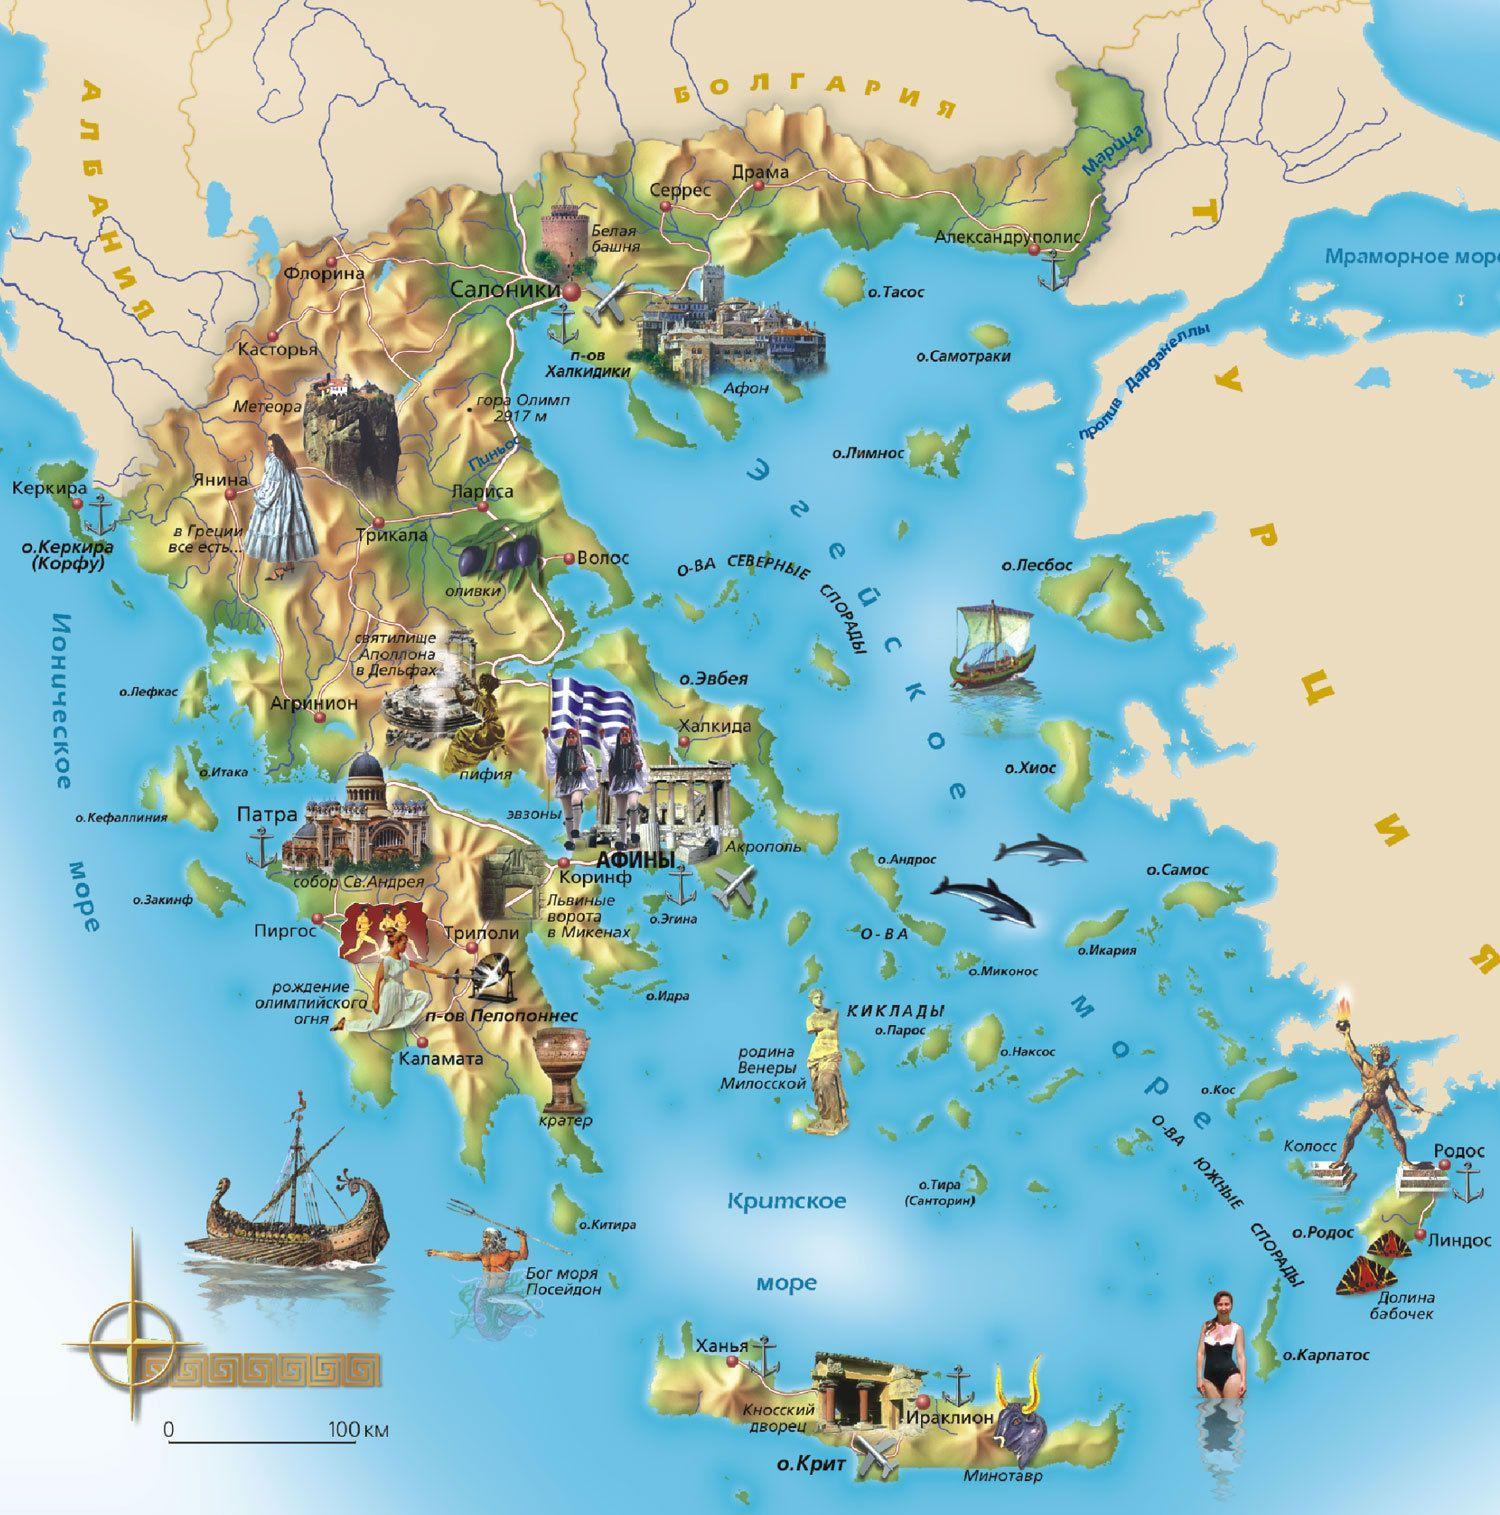 карта островов Греции на русском языке острова Греции 15 лучших островов Греции для отдыха karta ostrovov grecii na russkom 1